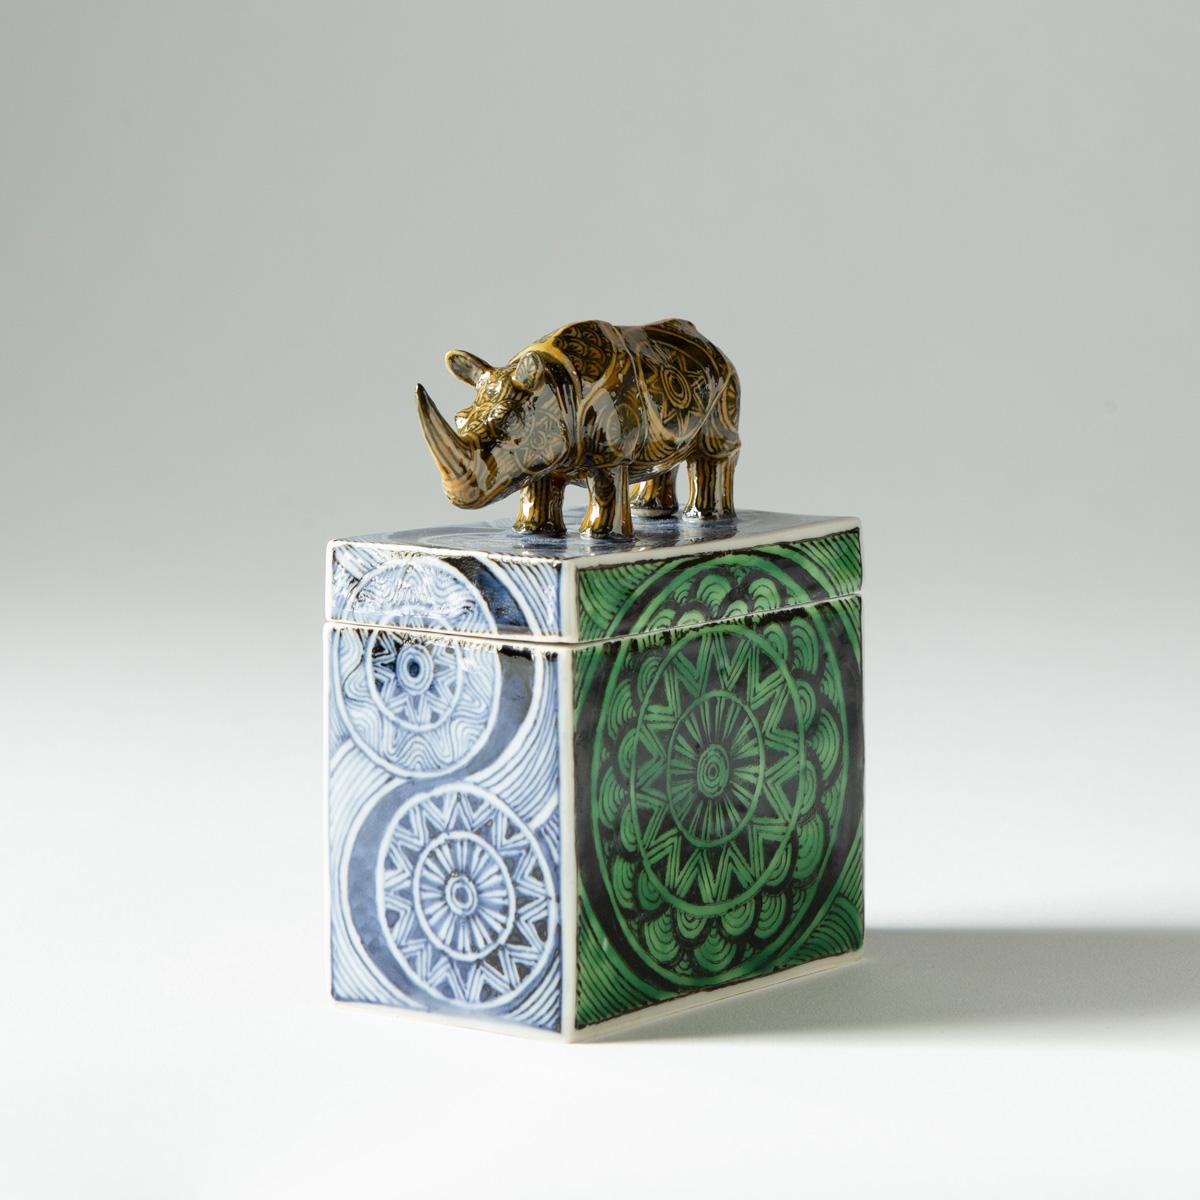 Rhino box (Kensuke Fujiyoshi)